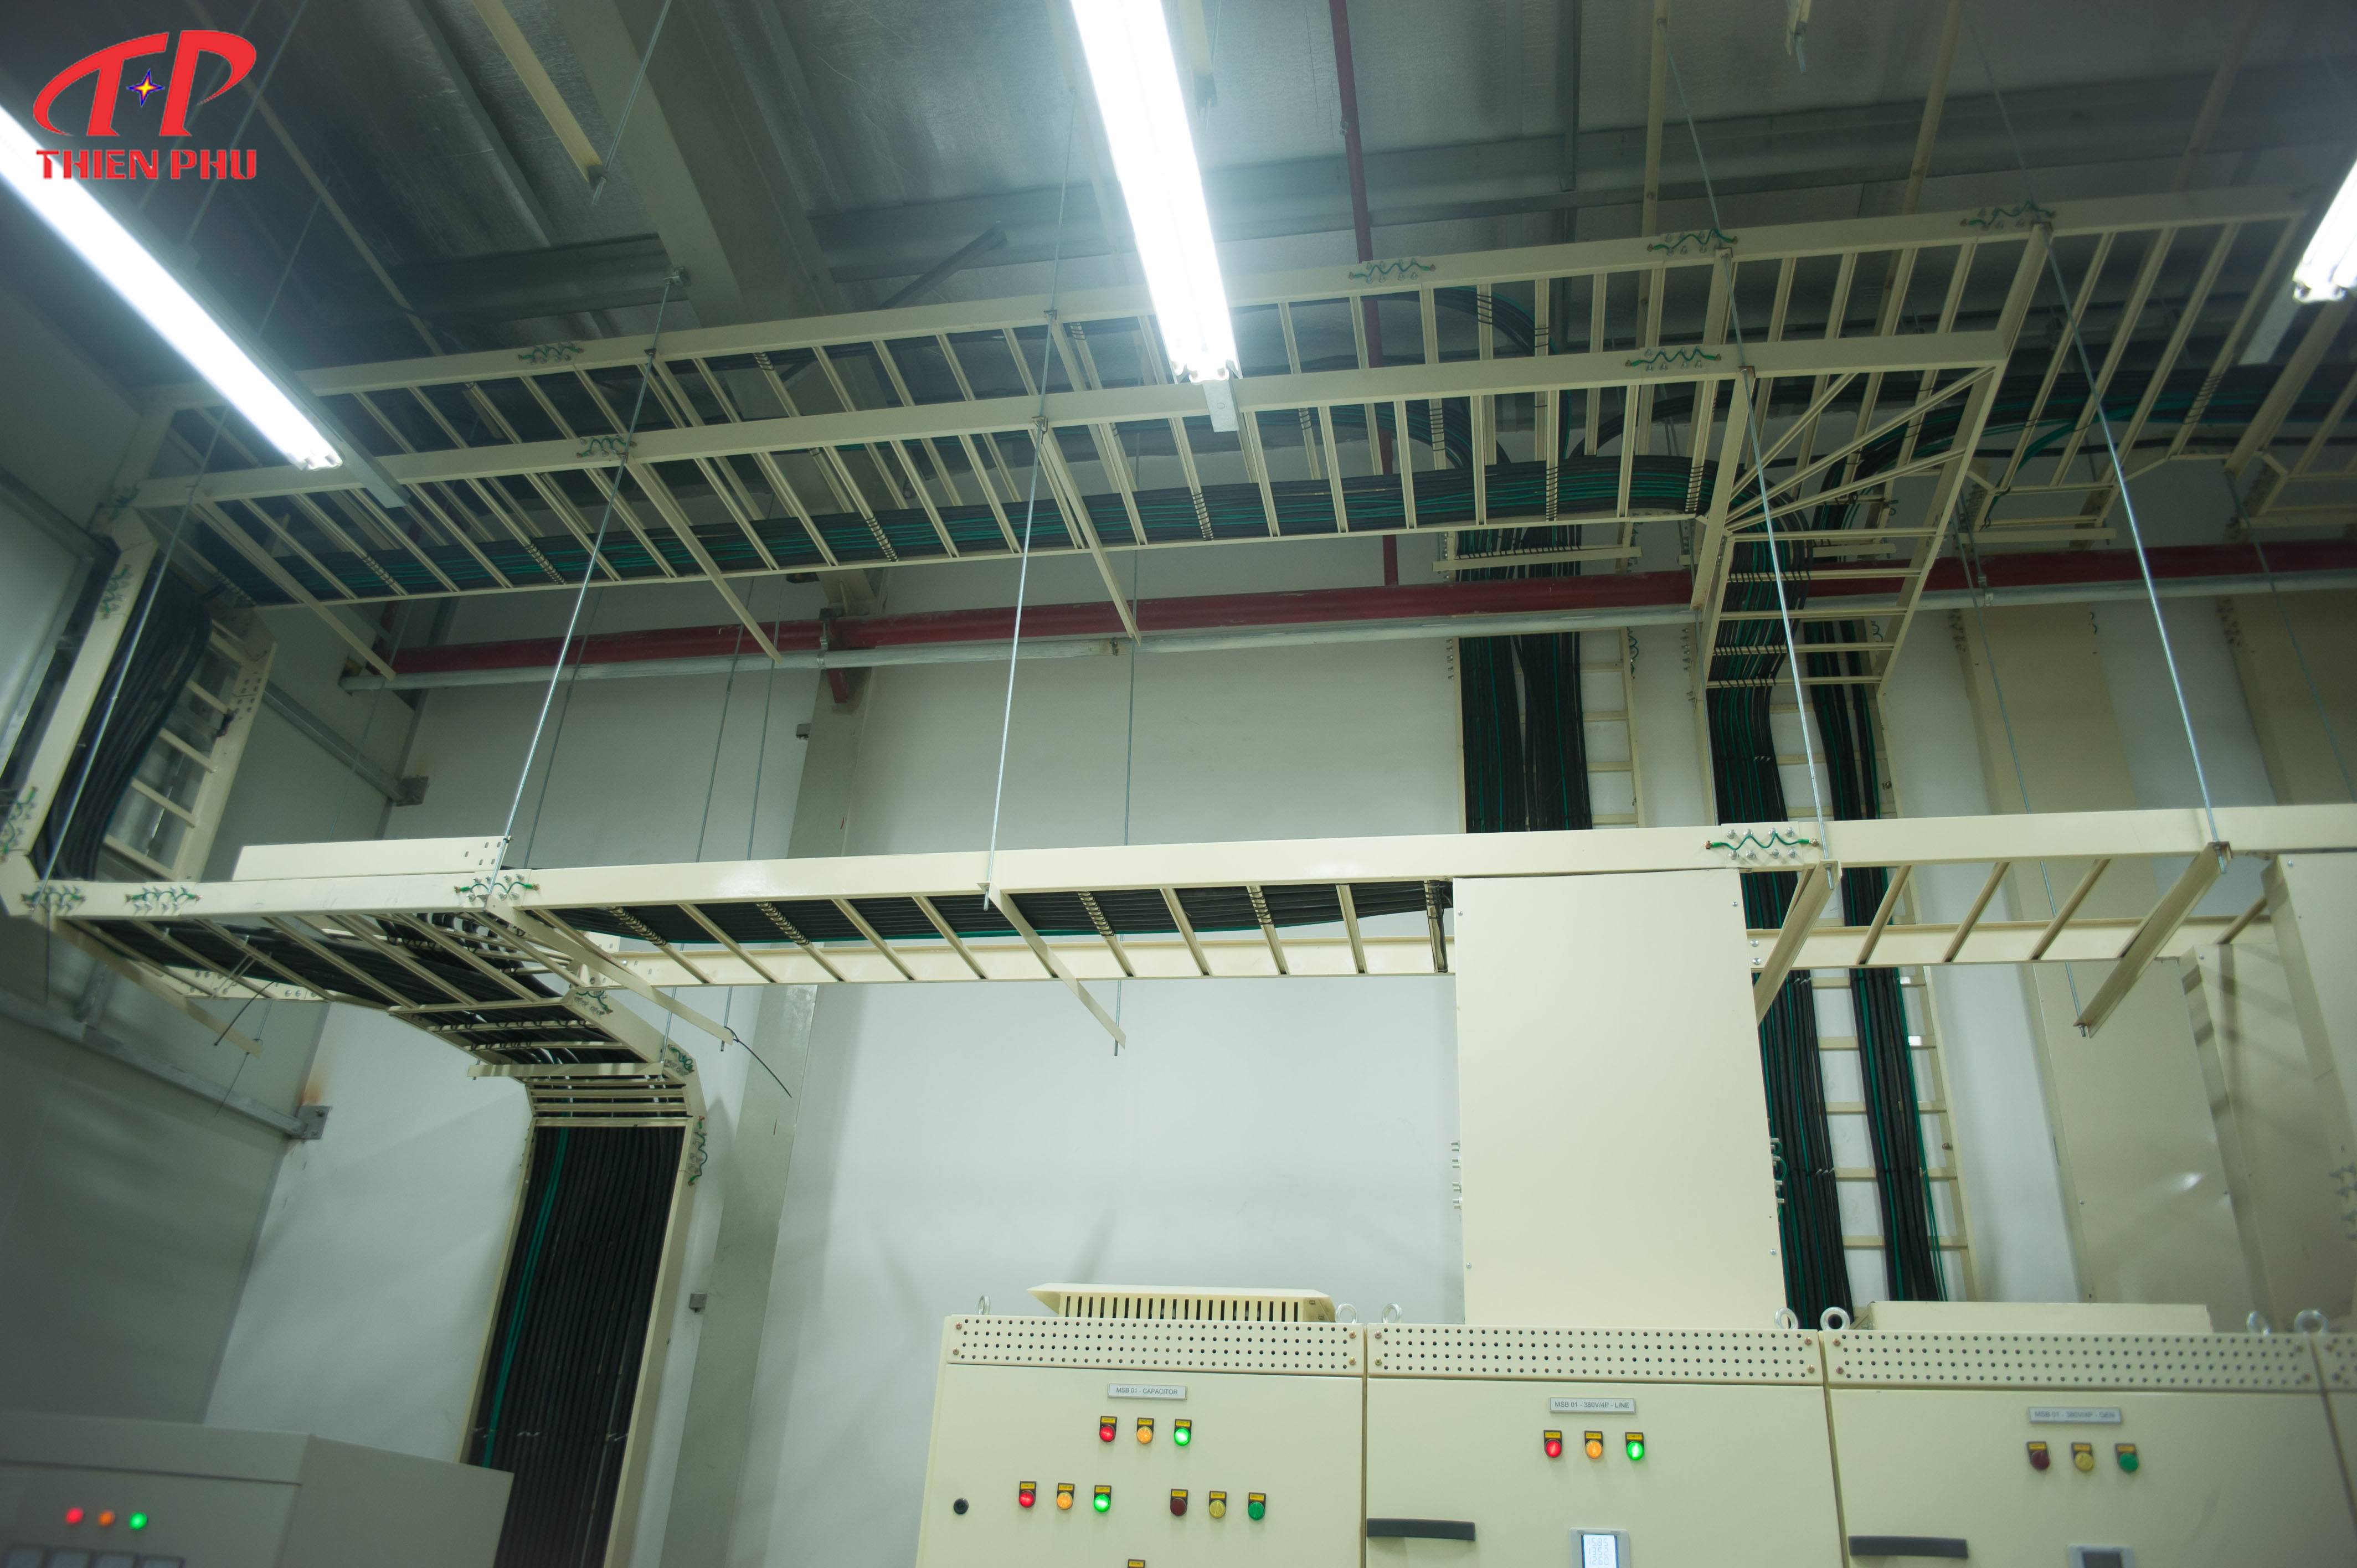 Thiết kế hệ thống điện